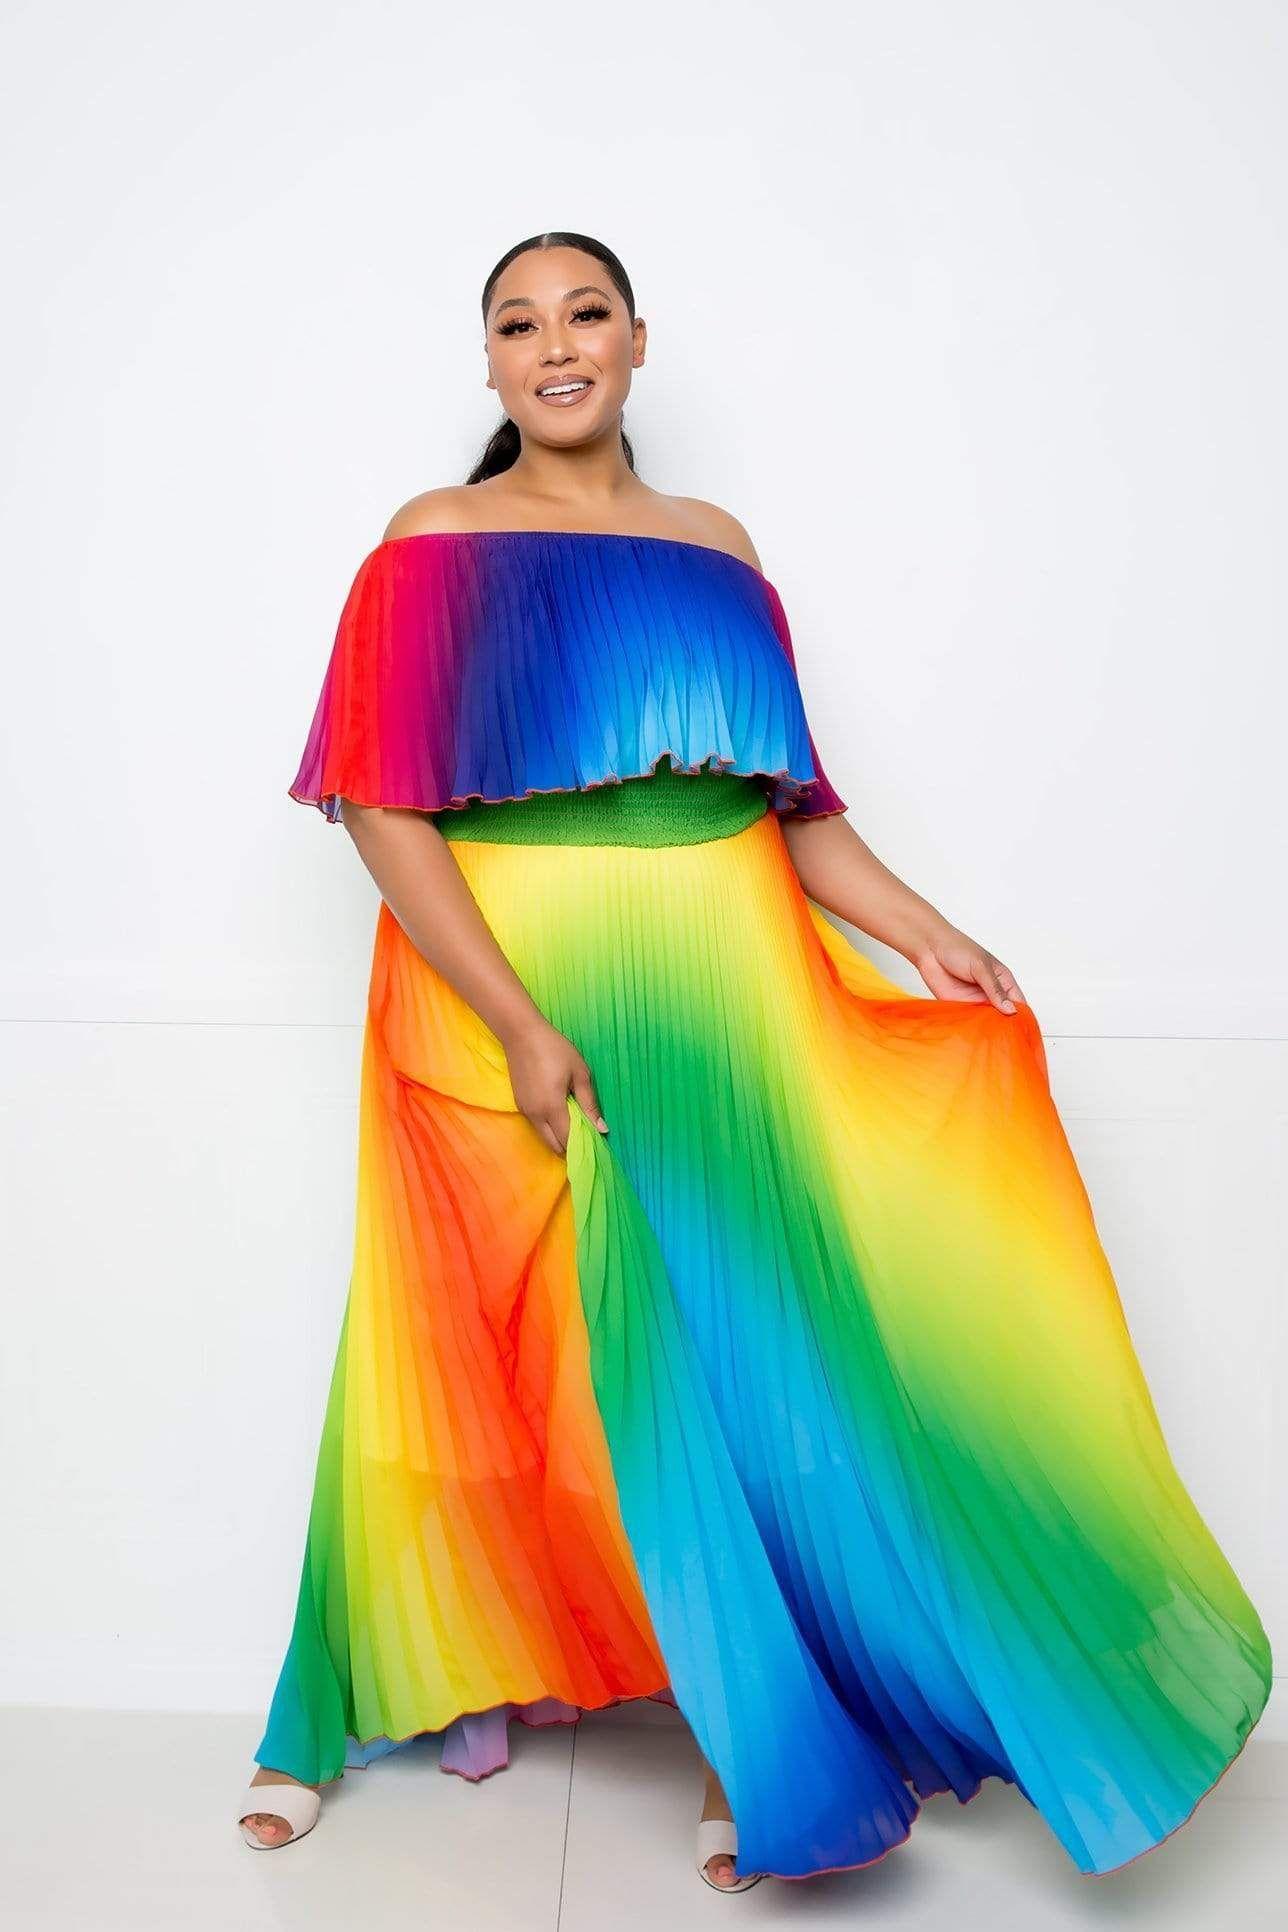 Off The Shoulder Rainbow Maxi Dress 1x Maxi Dress Dresses Orange Maxi Dress [ 1932 x 1288 Pixel ]